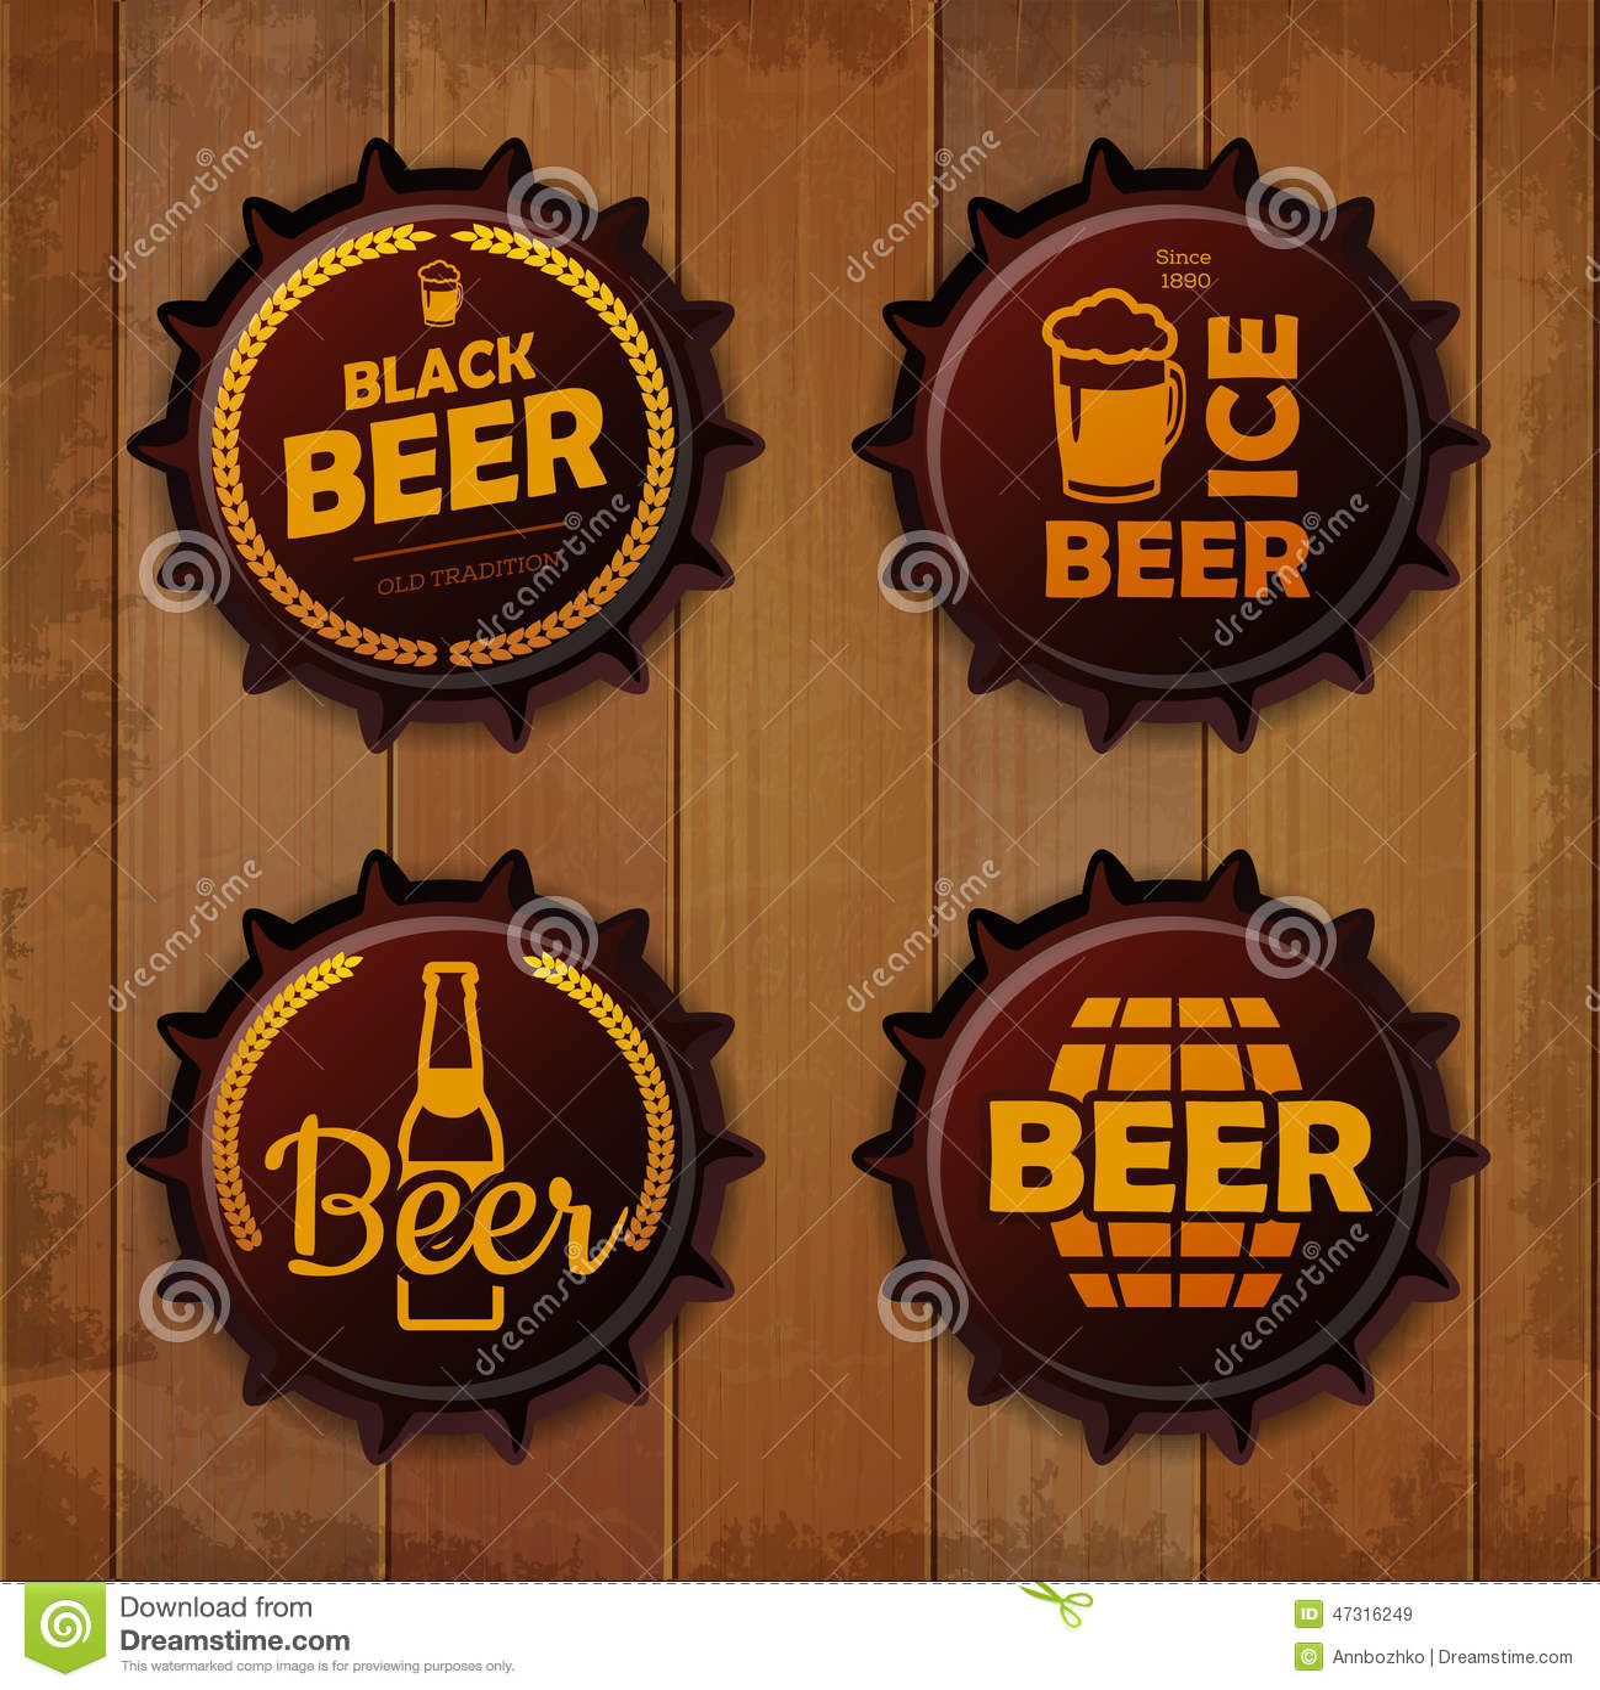 Bottle Cap Design. Beer Labels Stock Vector - Illustration of barrel ...